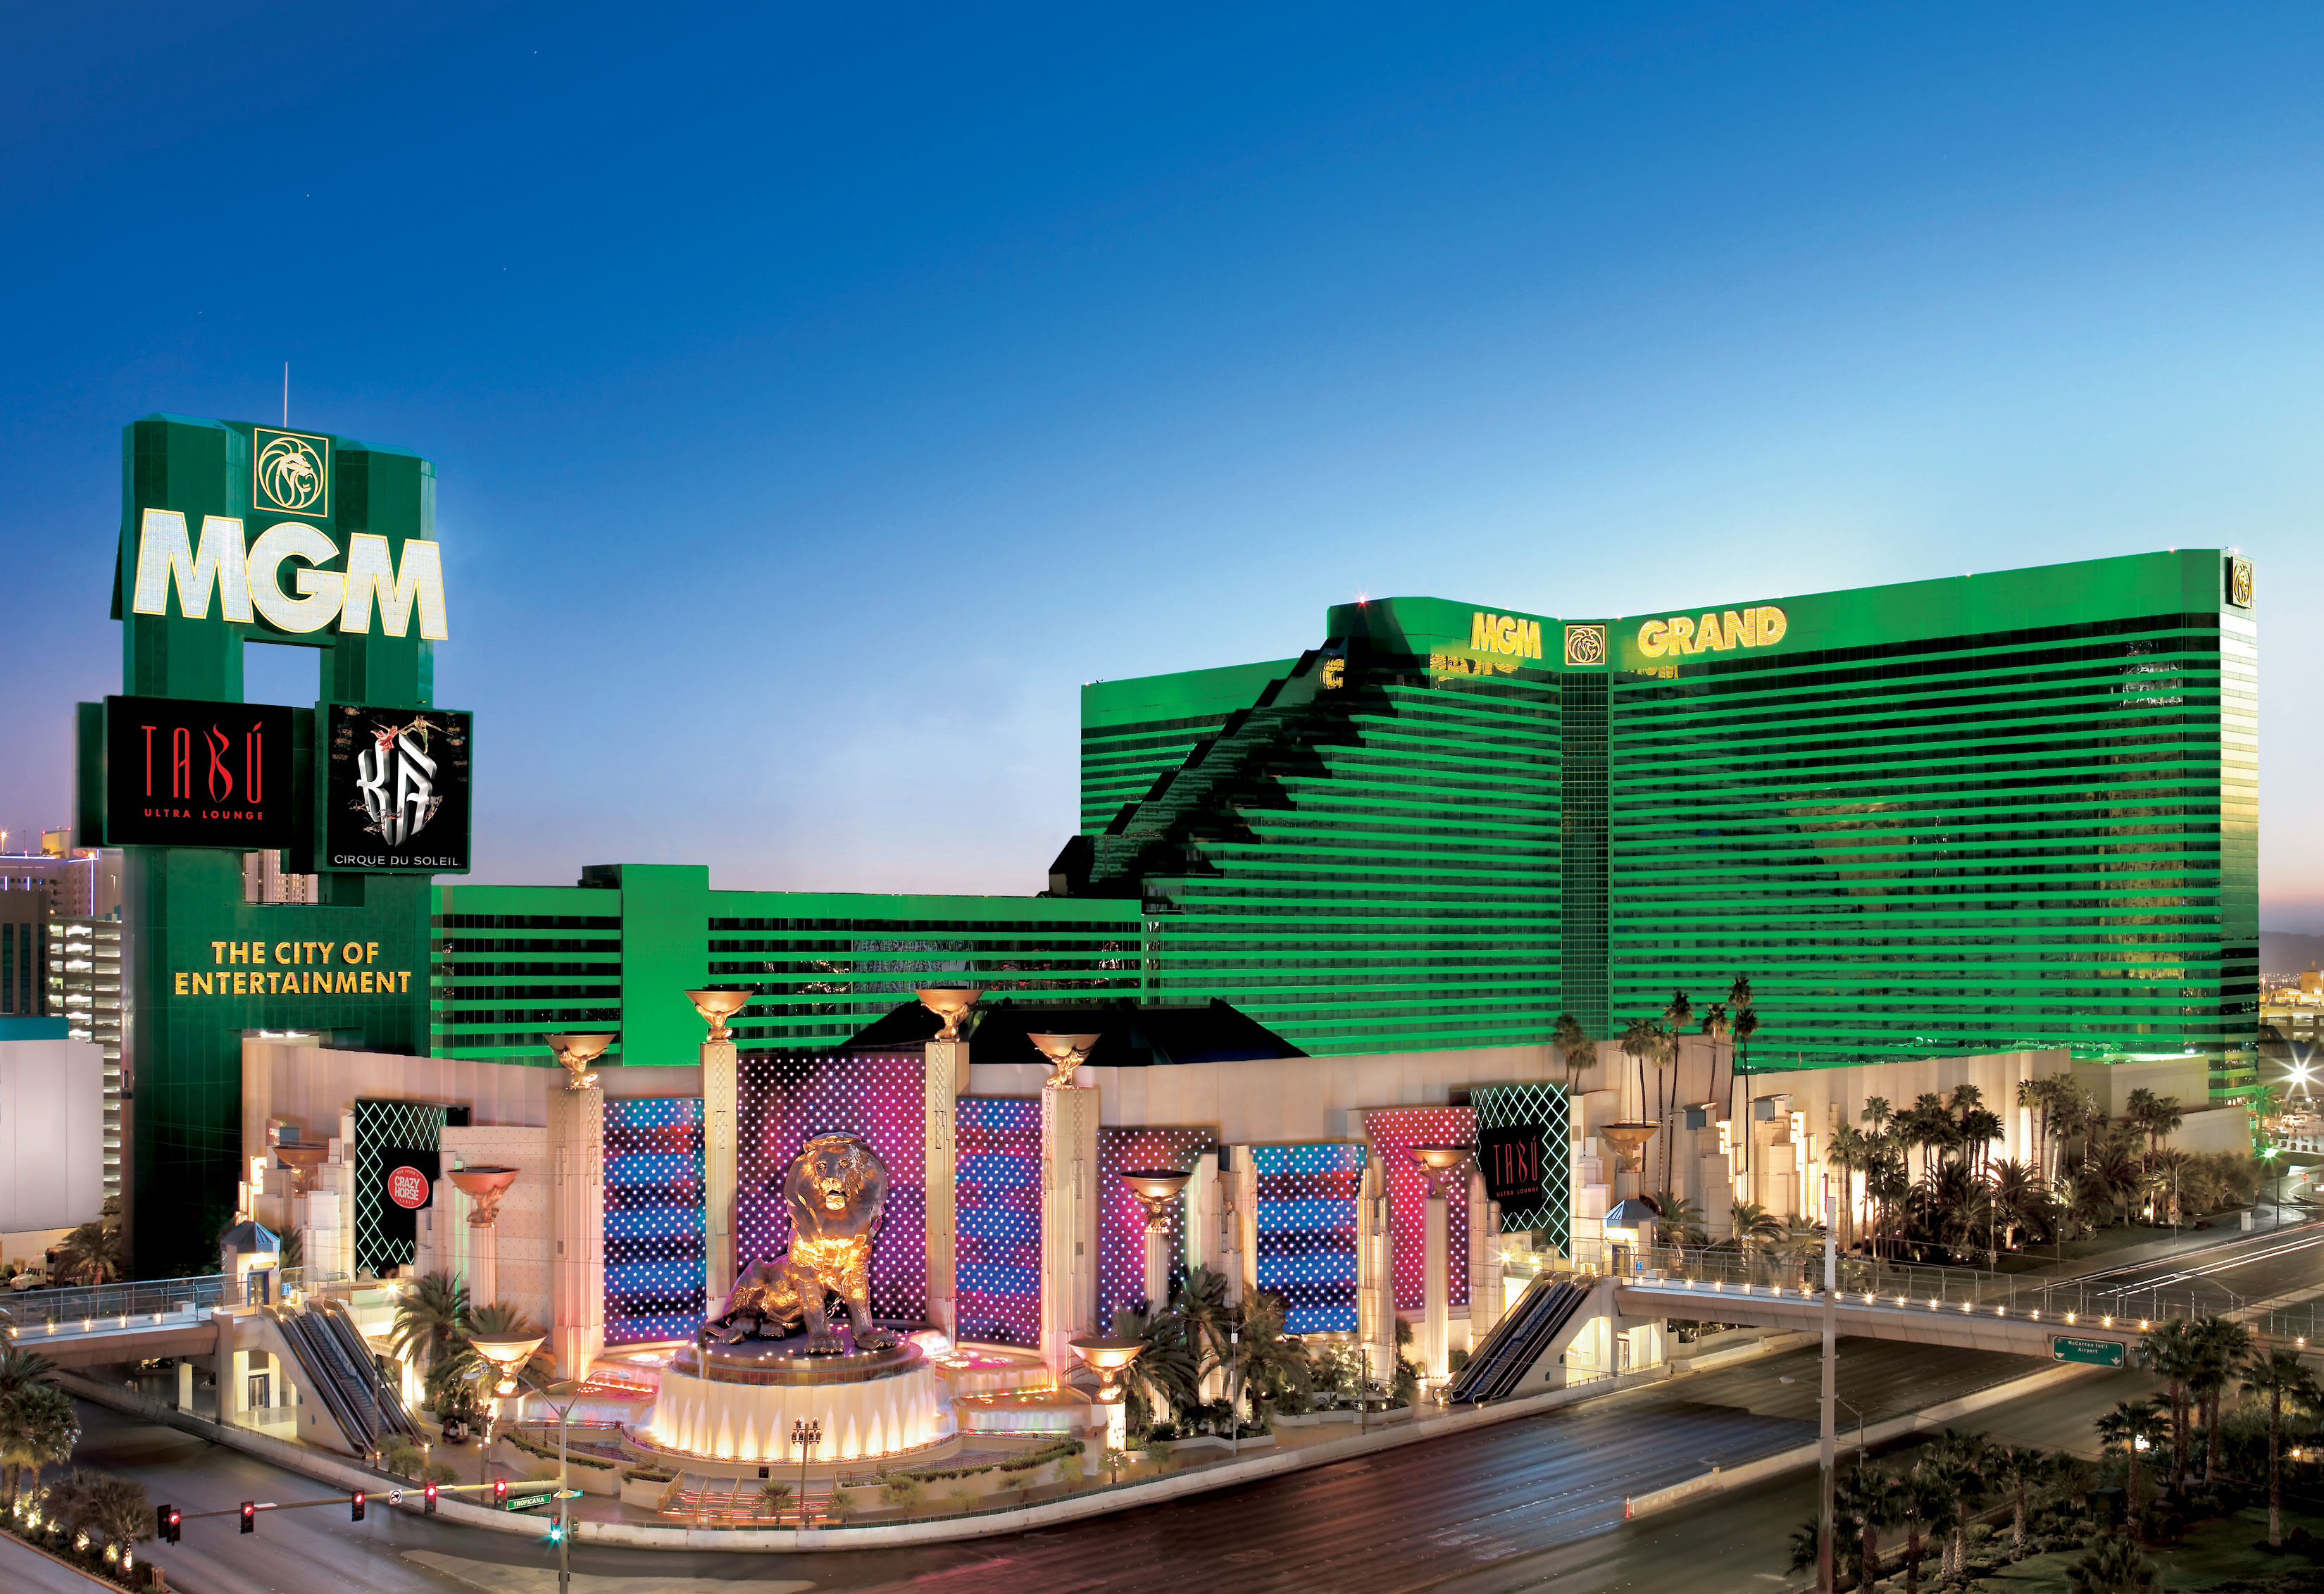 Hotel las vegas los mejores casino on line de Coimbra-506976